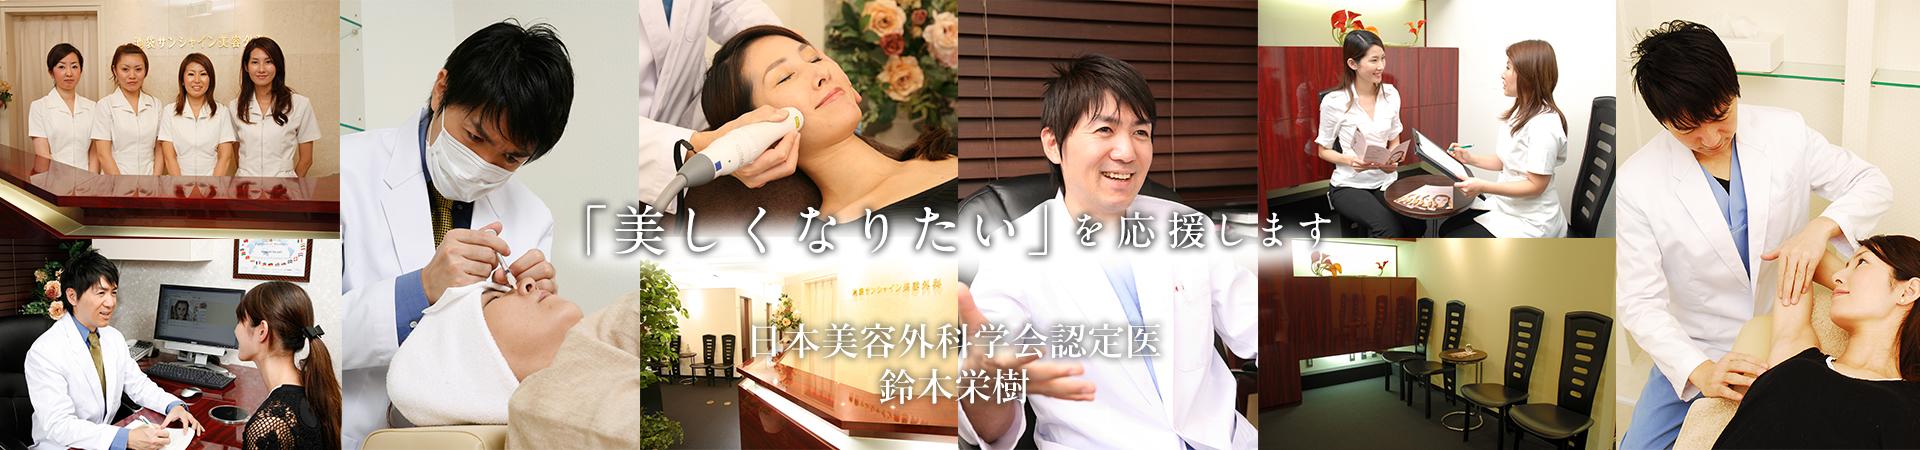 東京・池袋サンシャイン美容外科